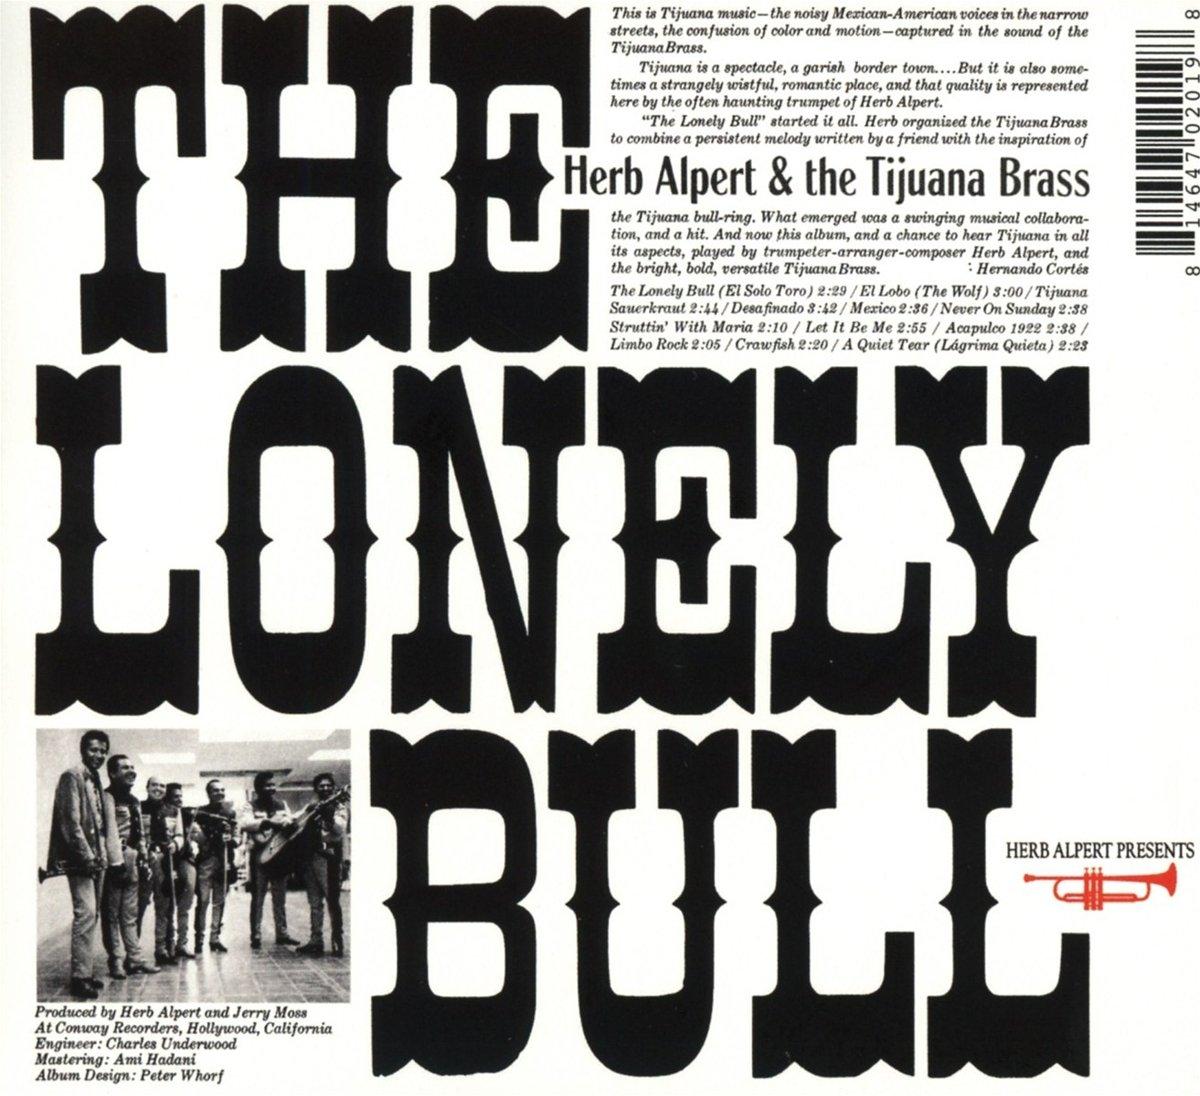 Herb Alpert & The Tijuana Brass - The Lonely Bull - Amazon.com Music